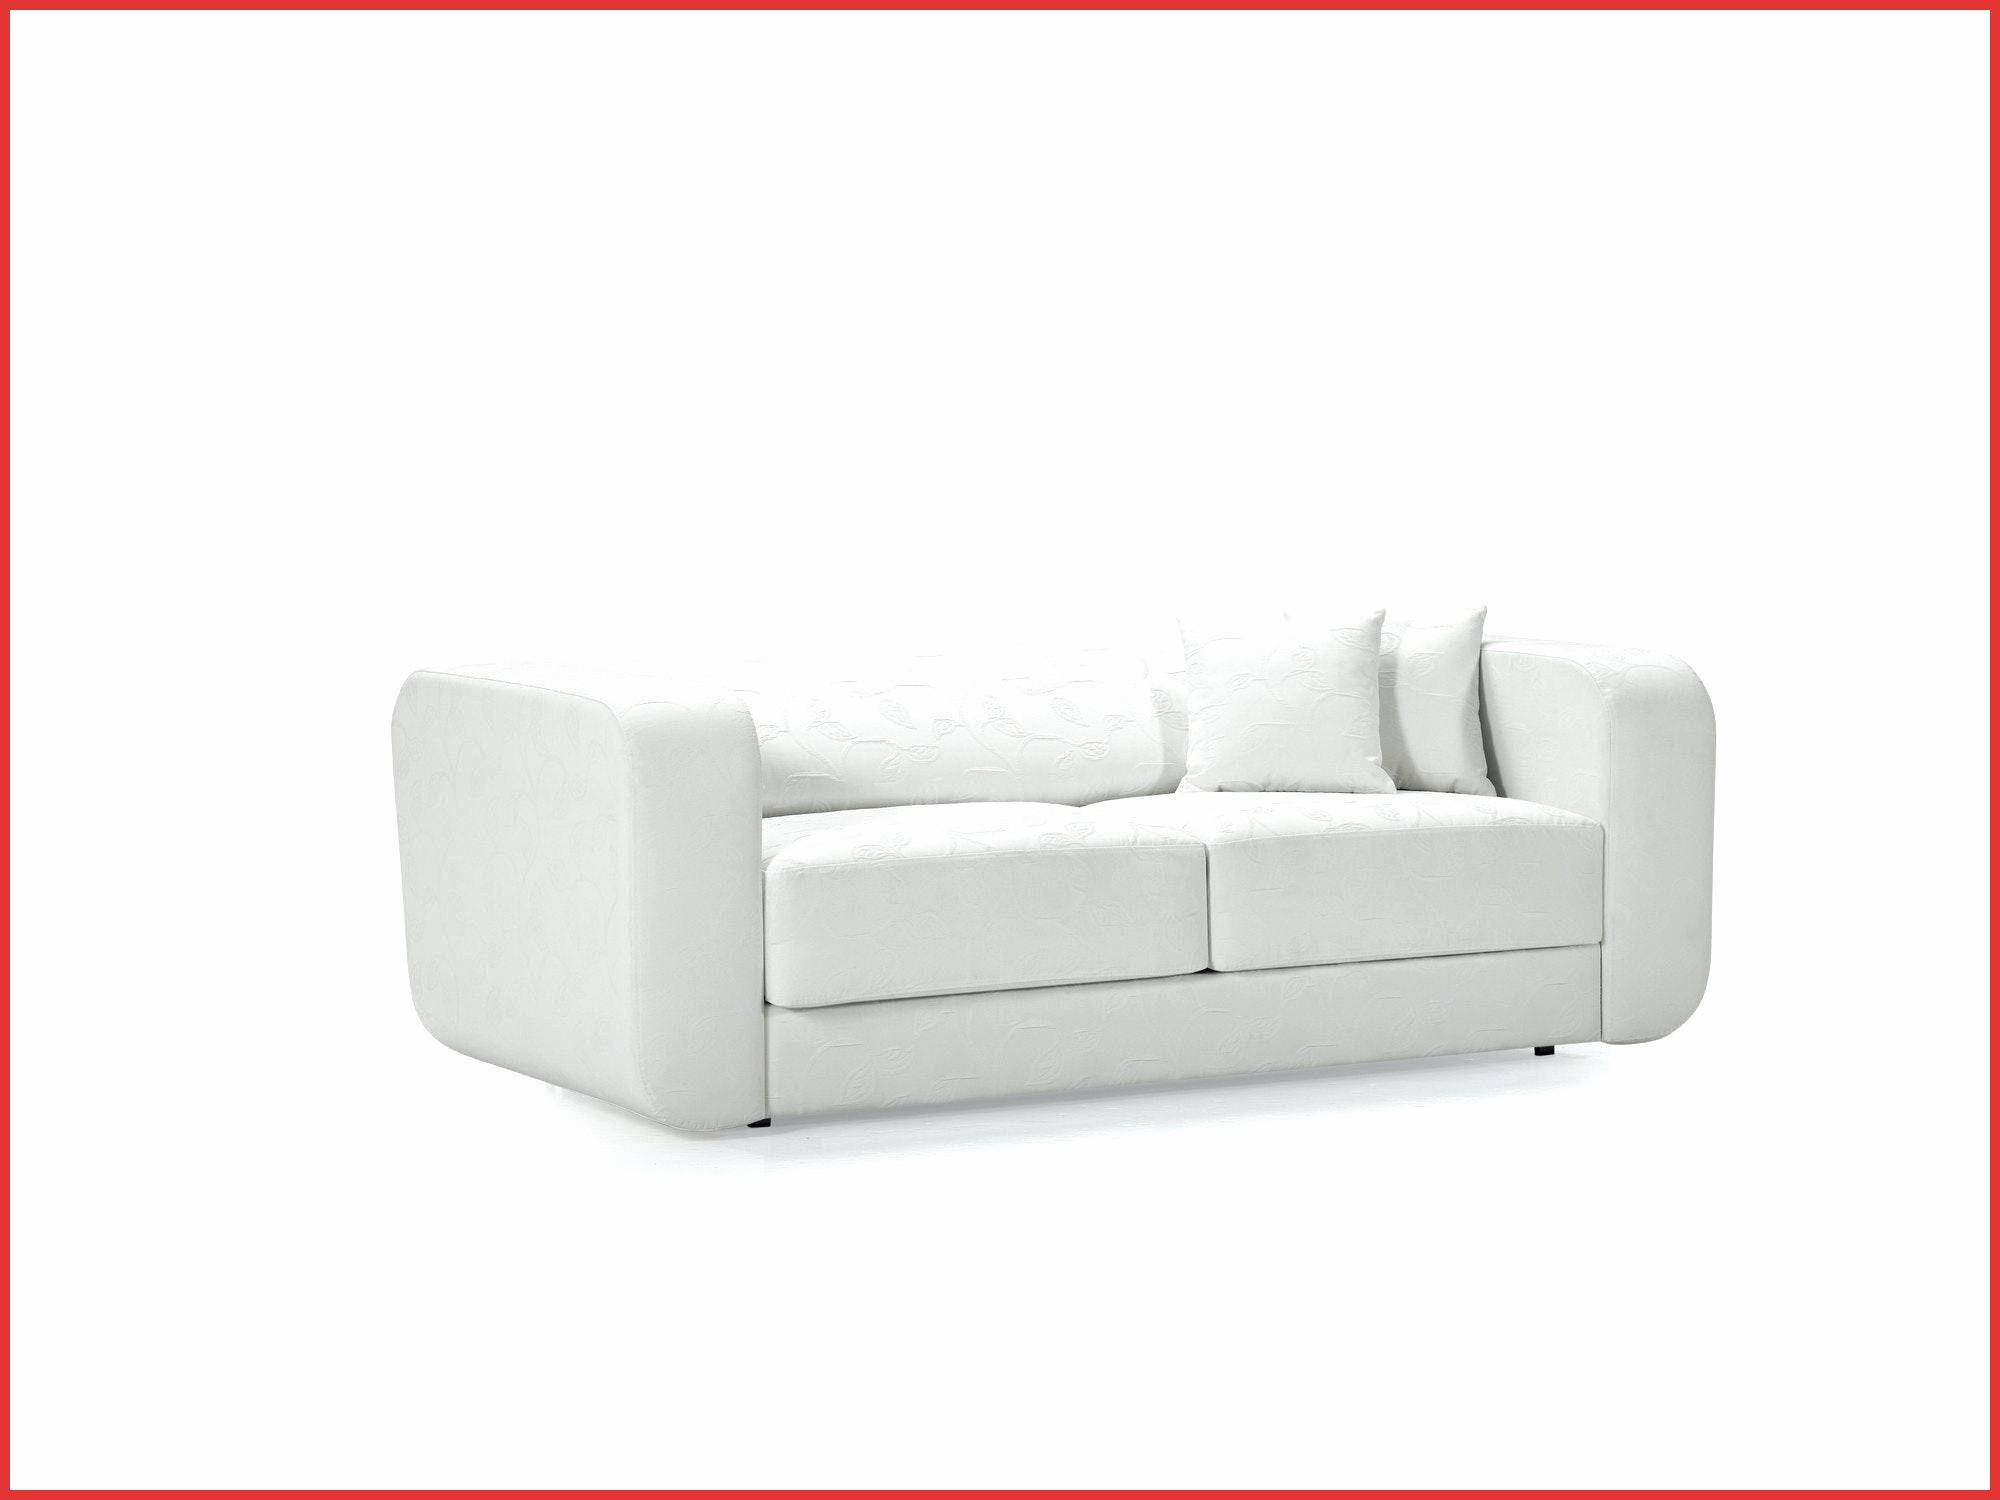 Ikea Canape Angle Convertible Luxe Photos Splendide Lit Canape Ikea Ideas Best Lit Canap Ikea Elegant